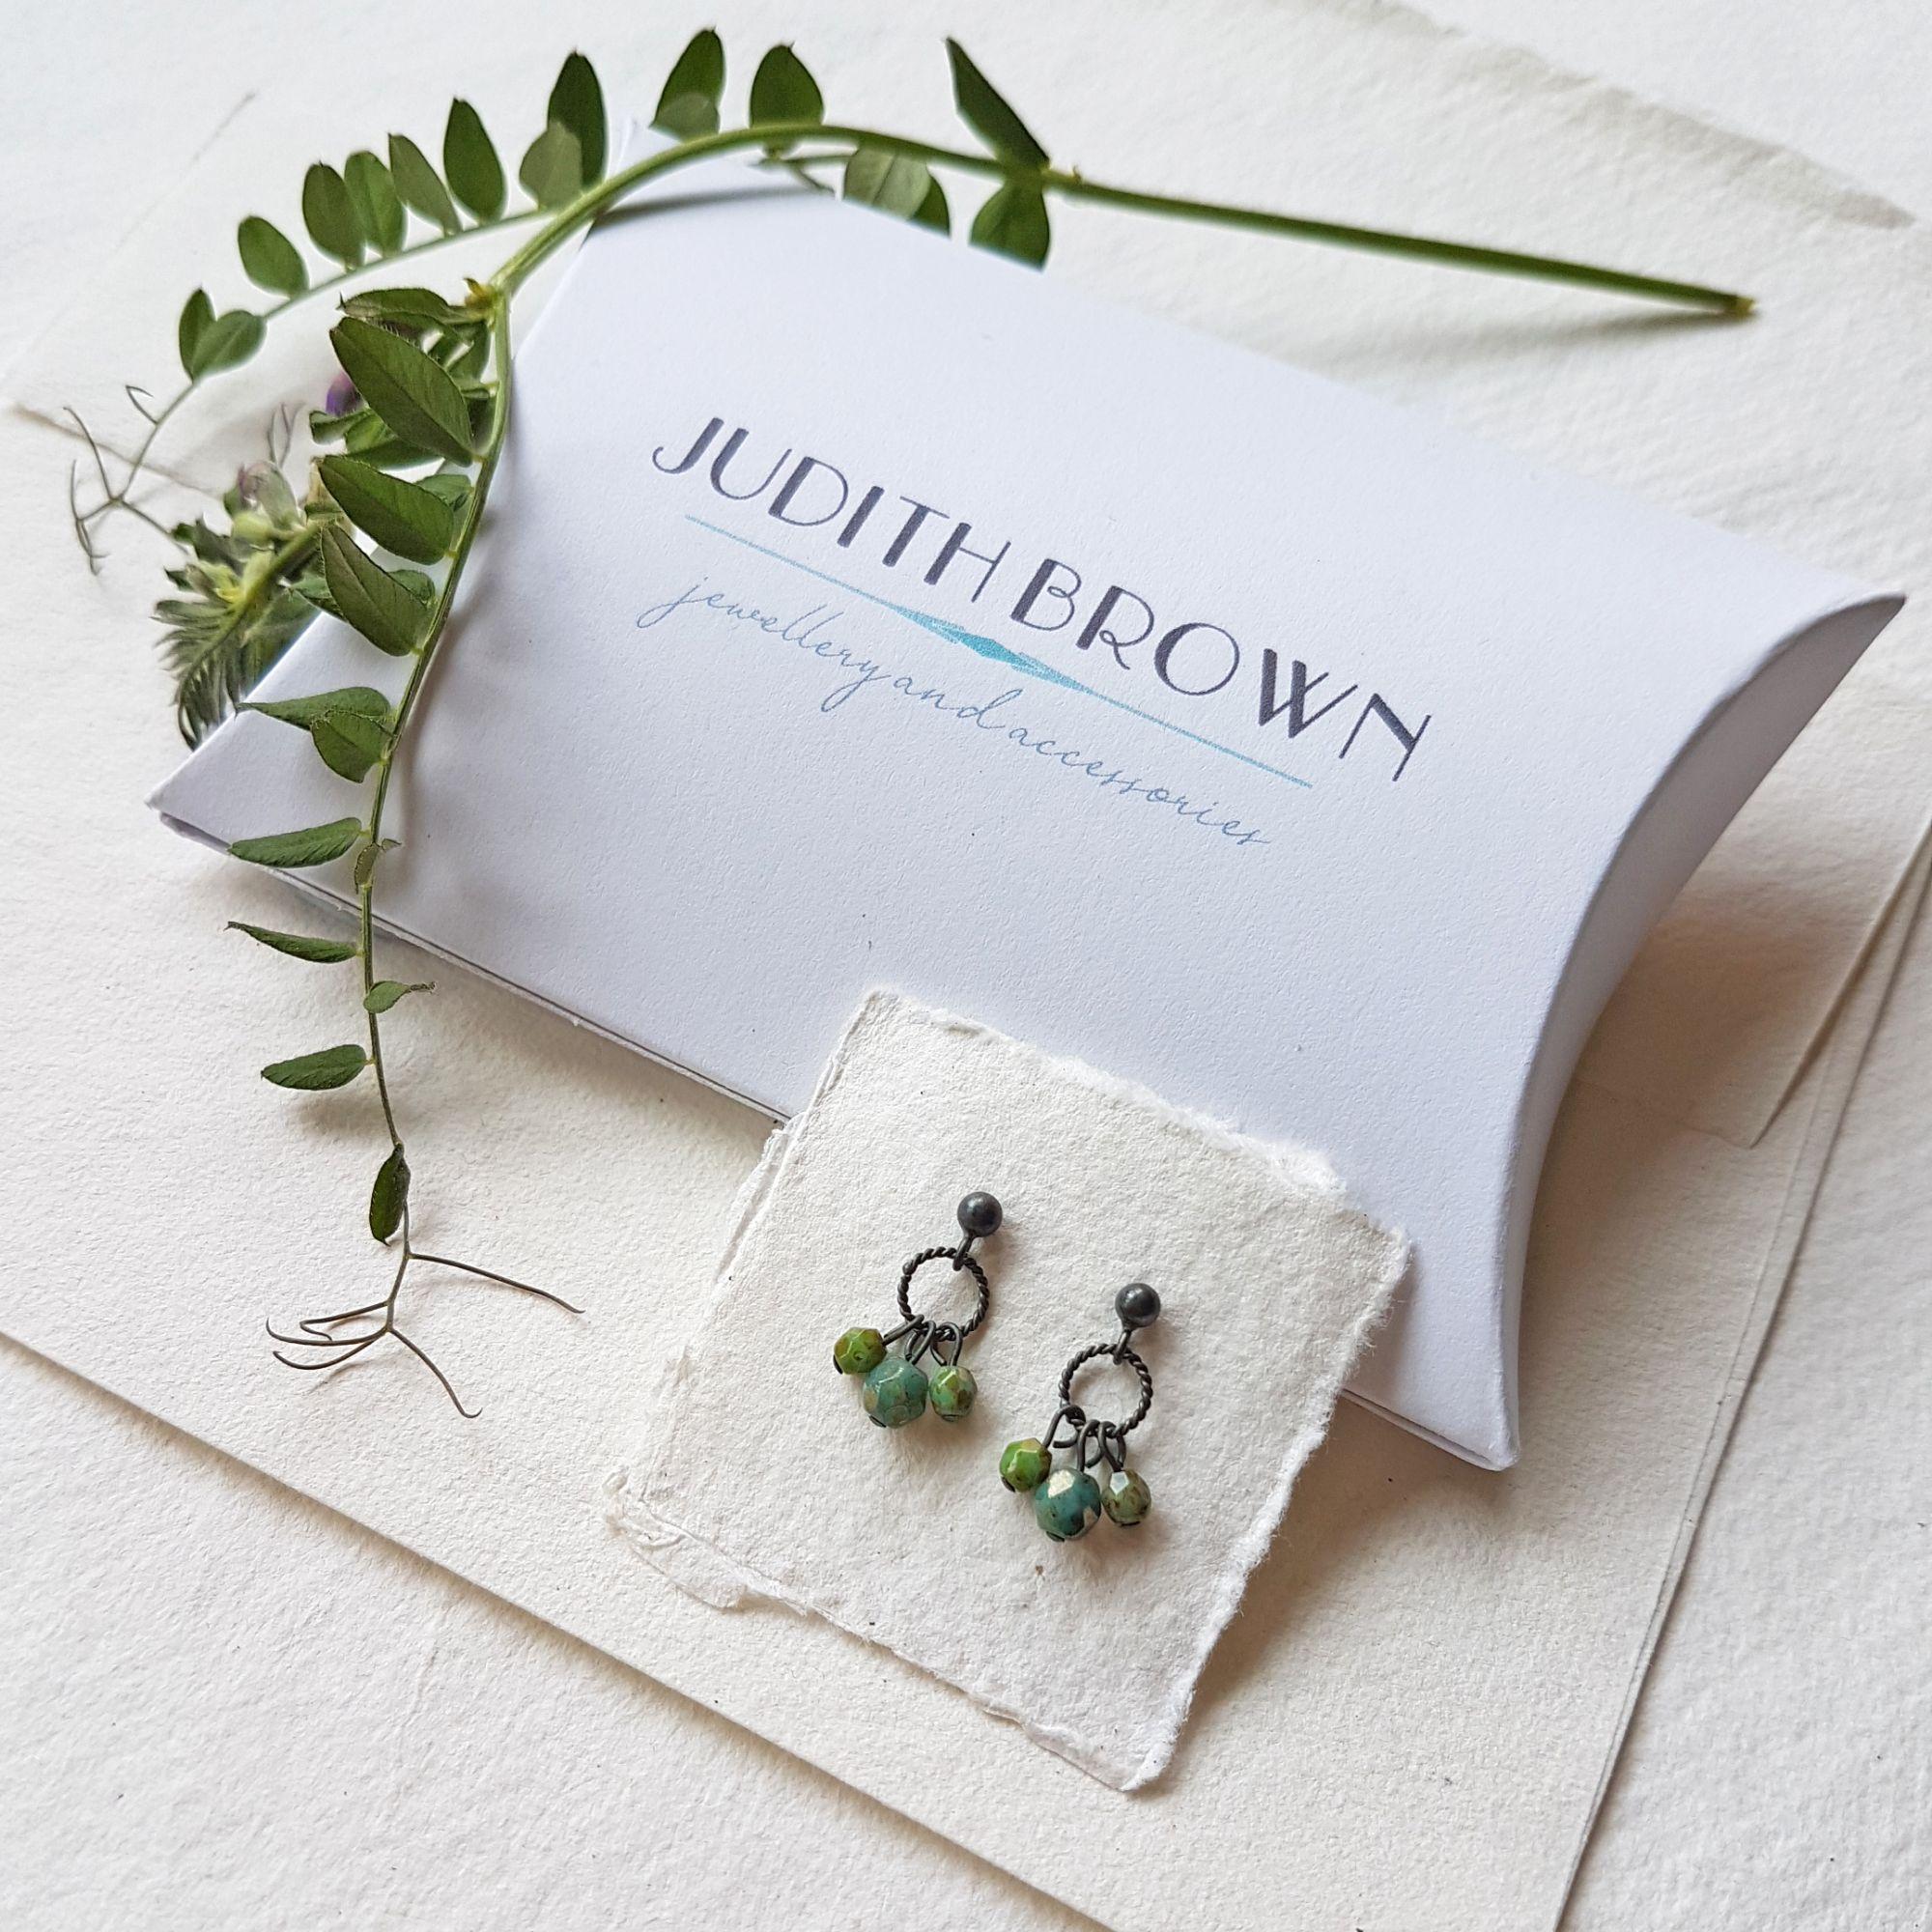 Stud earrings in oxidised silver Judith Brown